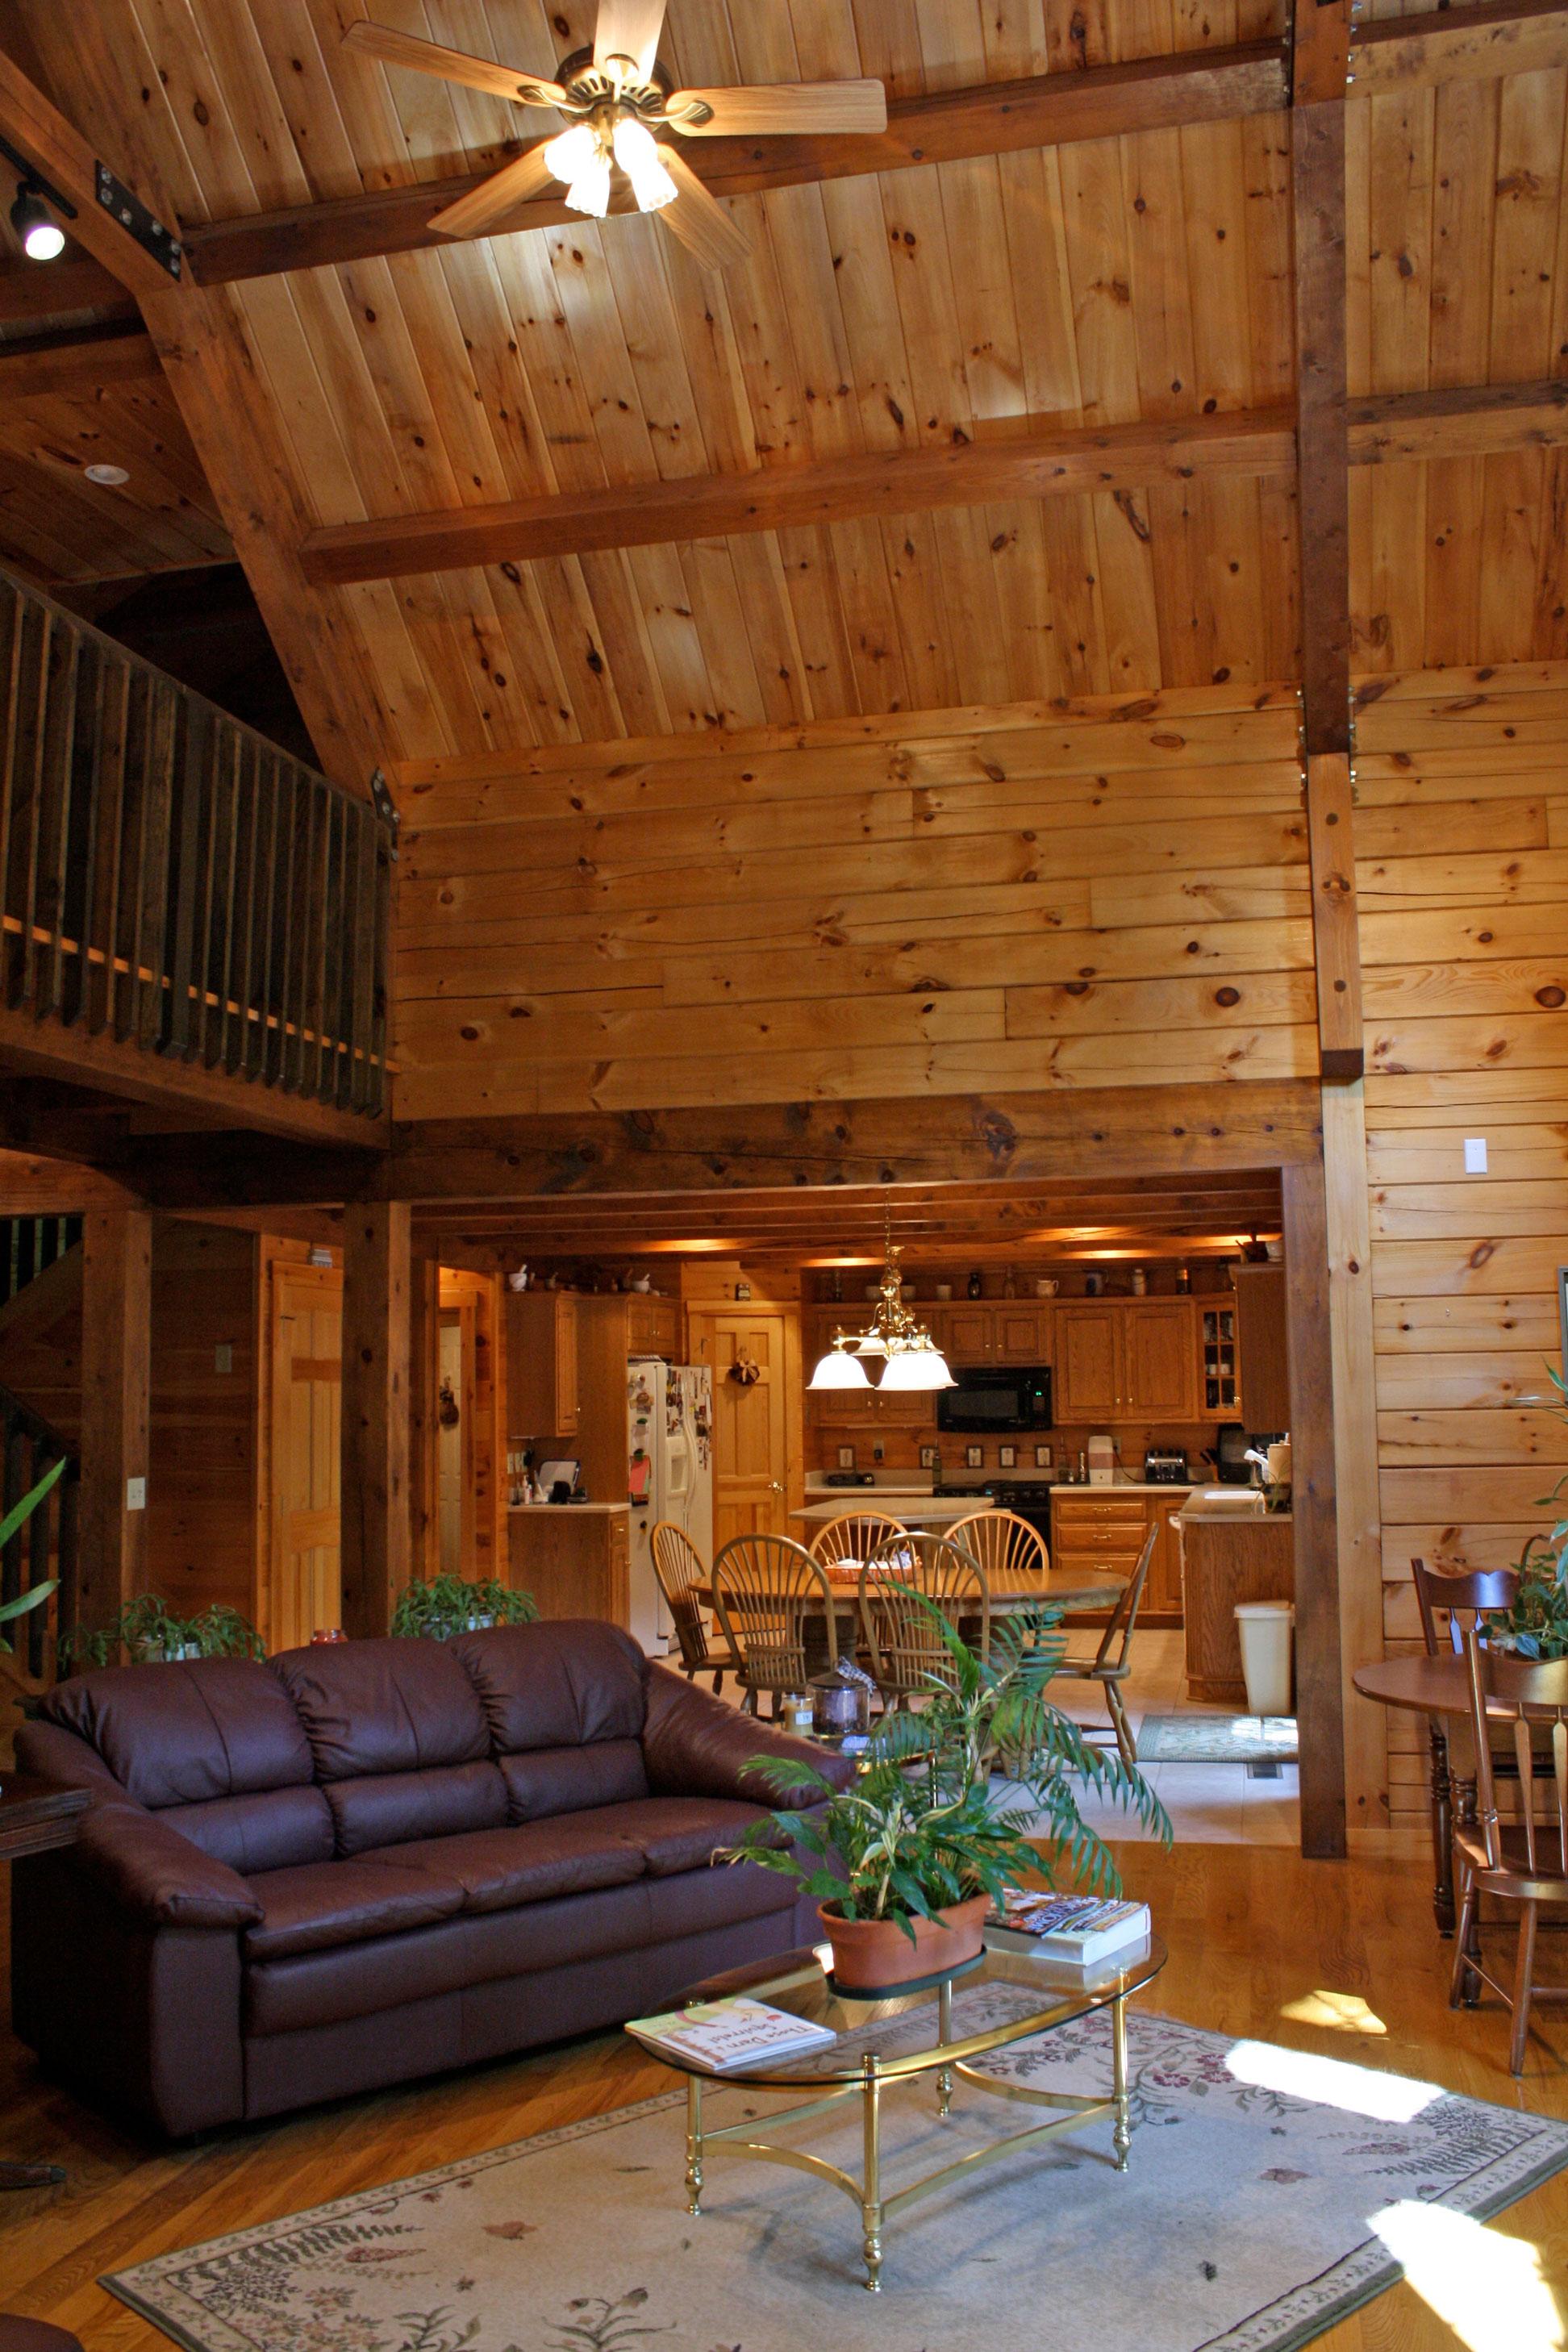 cabin-interior-living-room.jpg